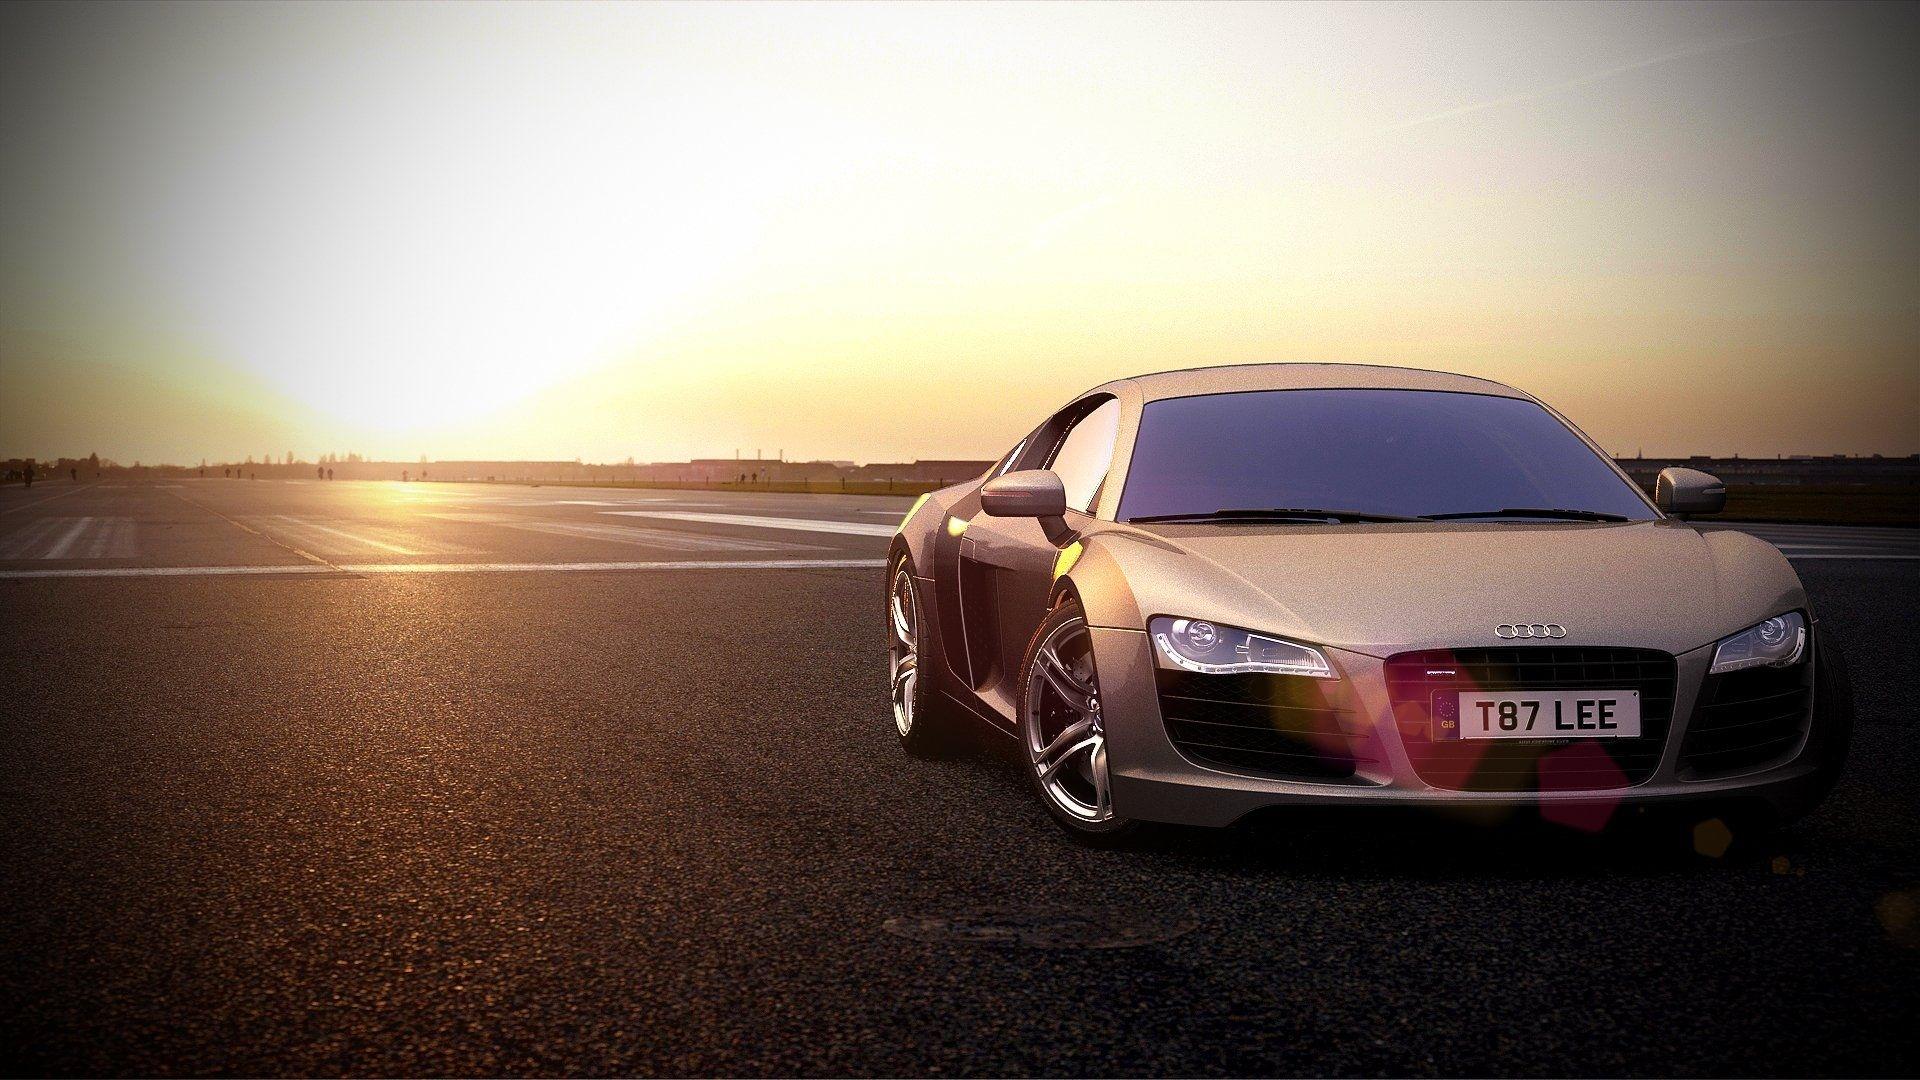 Audi R8 1080p wallpaper